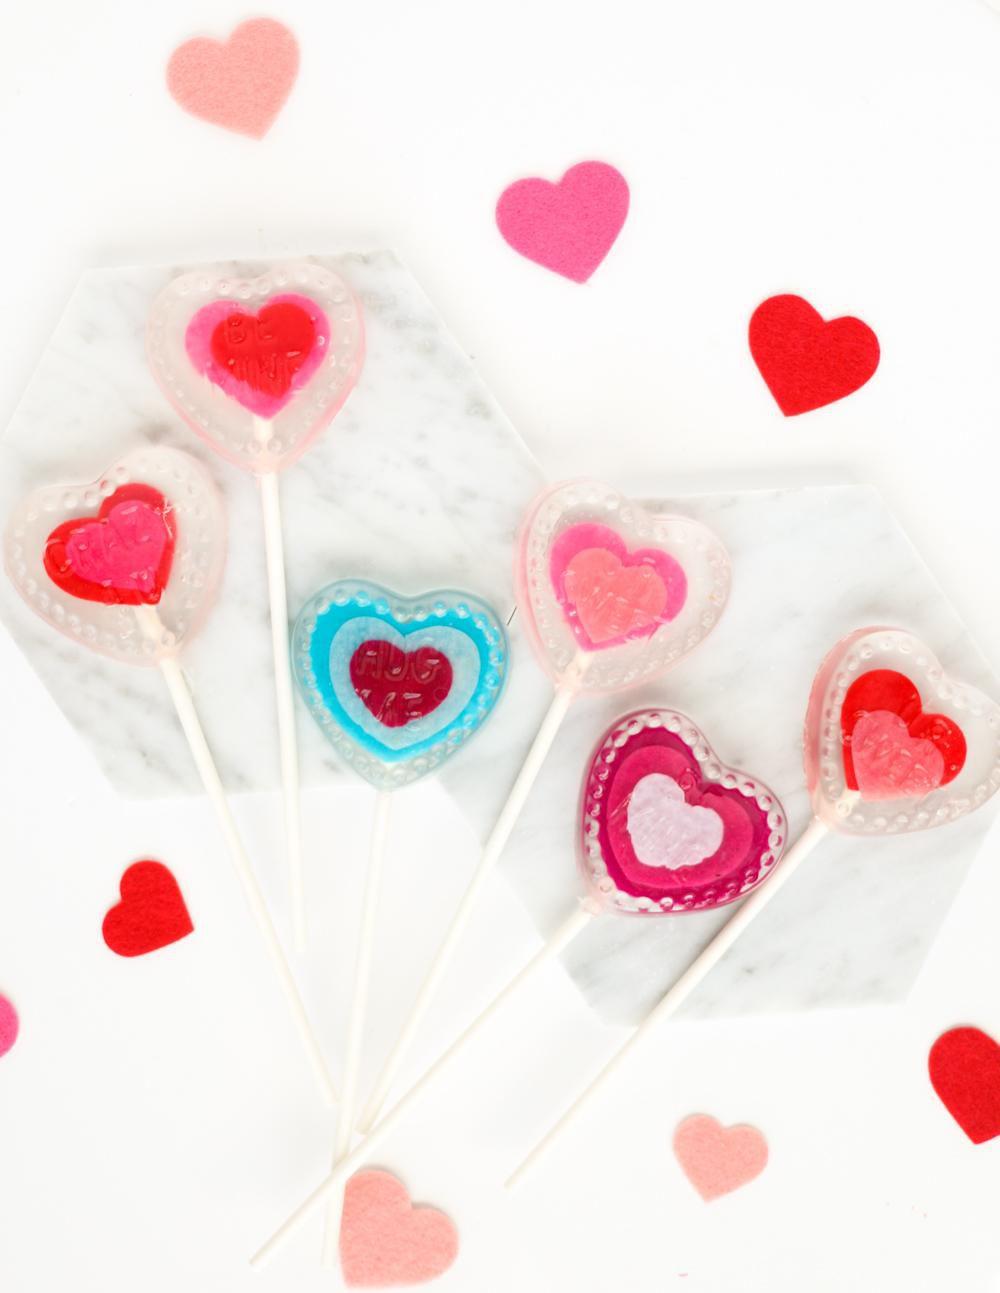 мыловарение мыло валентинки мастеркласс сердечки